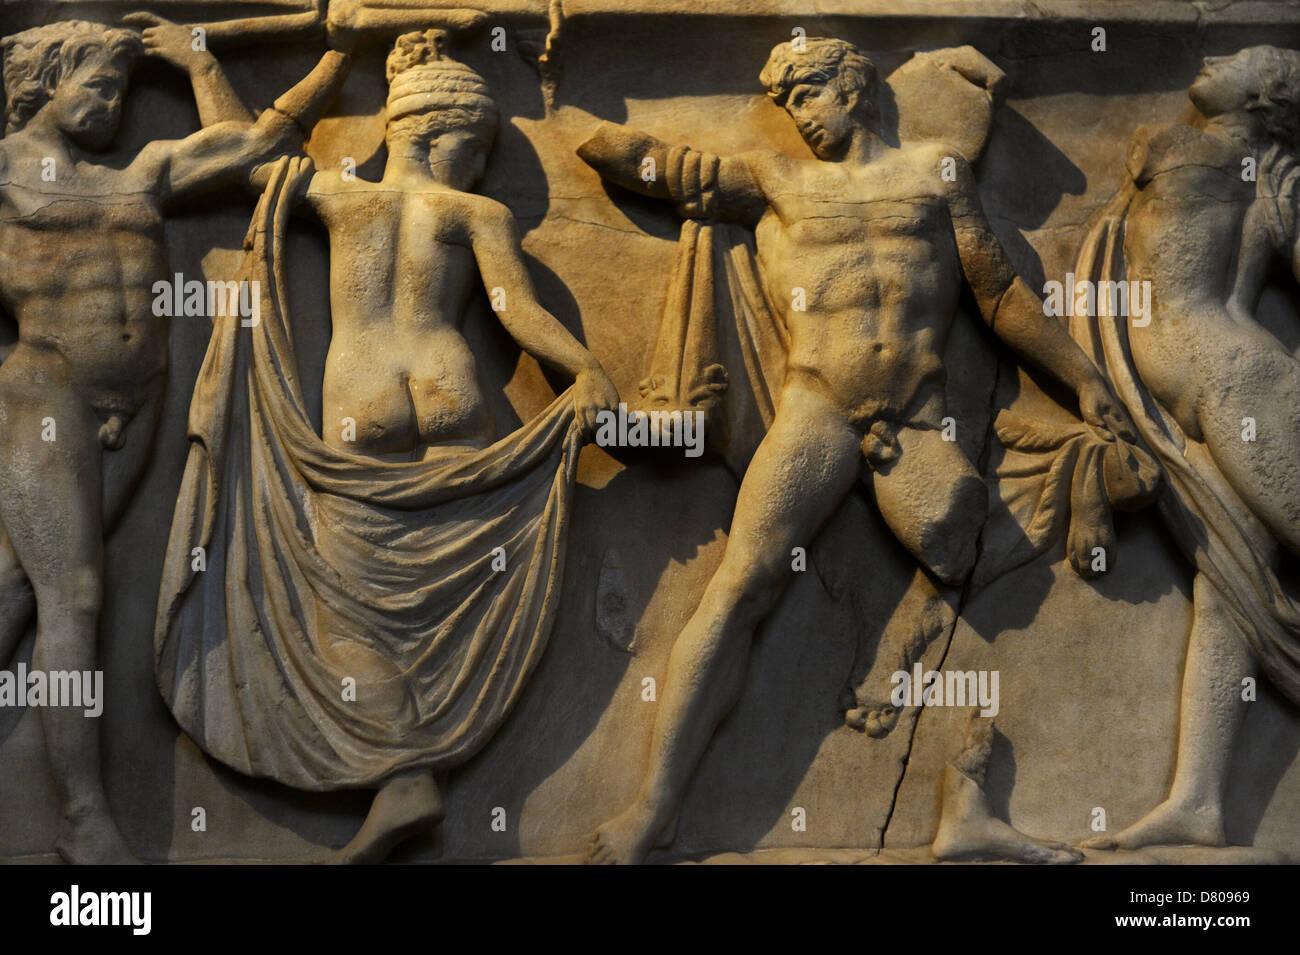 Lato anteriore del sarcofago. Il lavoro moderno dopo il II secolo d.c. originali. Il matrimonio di Dioniso e Adriane. Glyptothek. Monaco di Baviera. Foto Stock